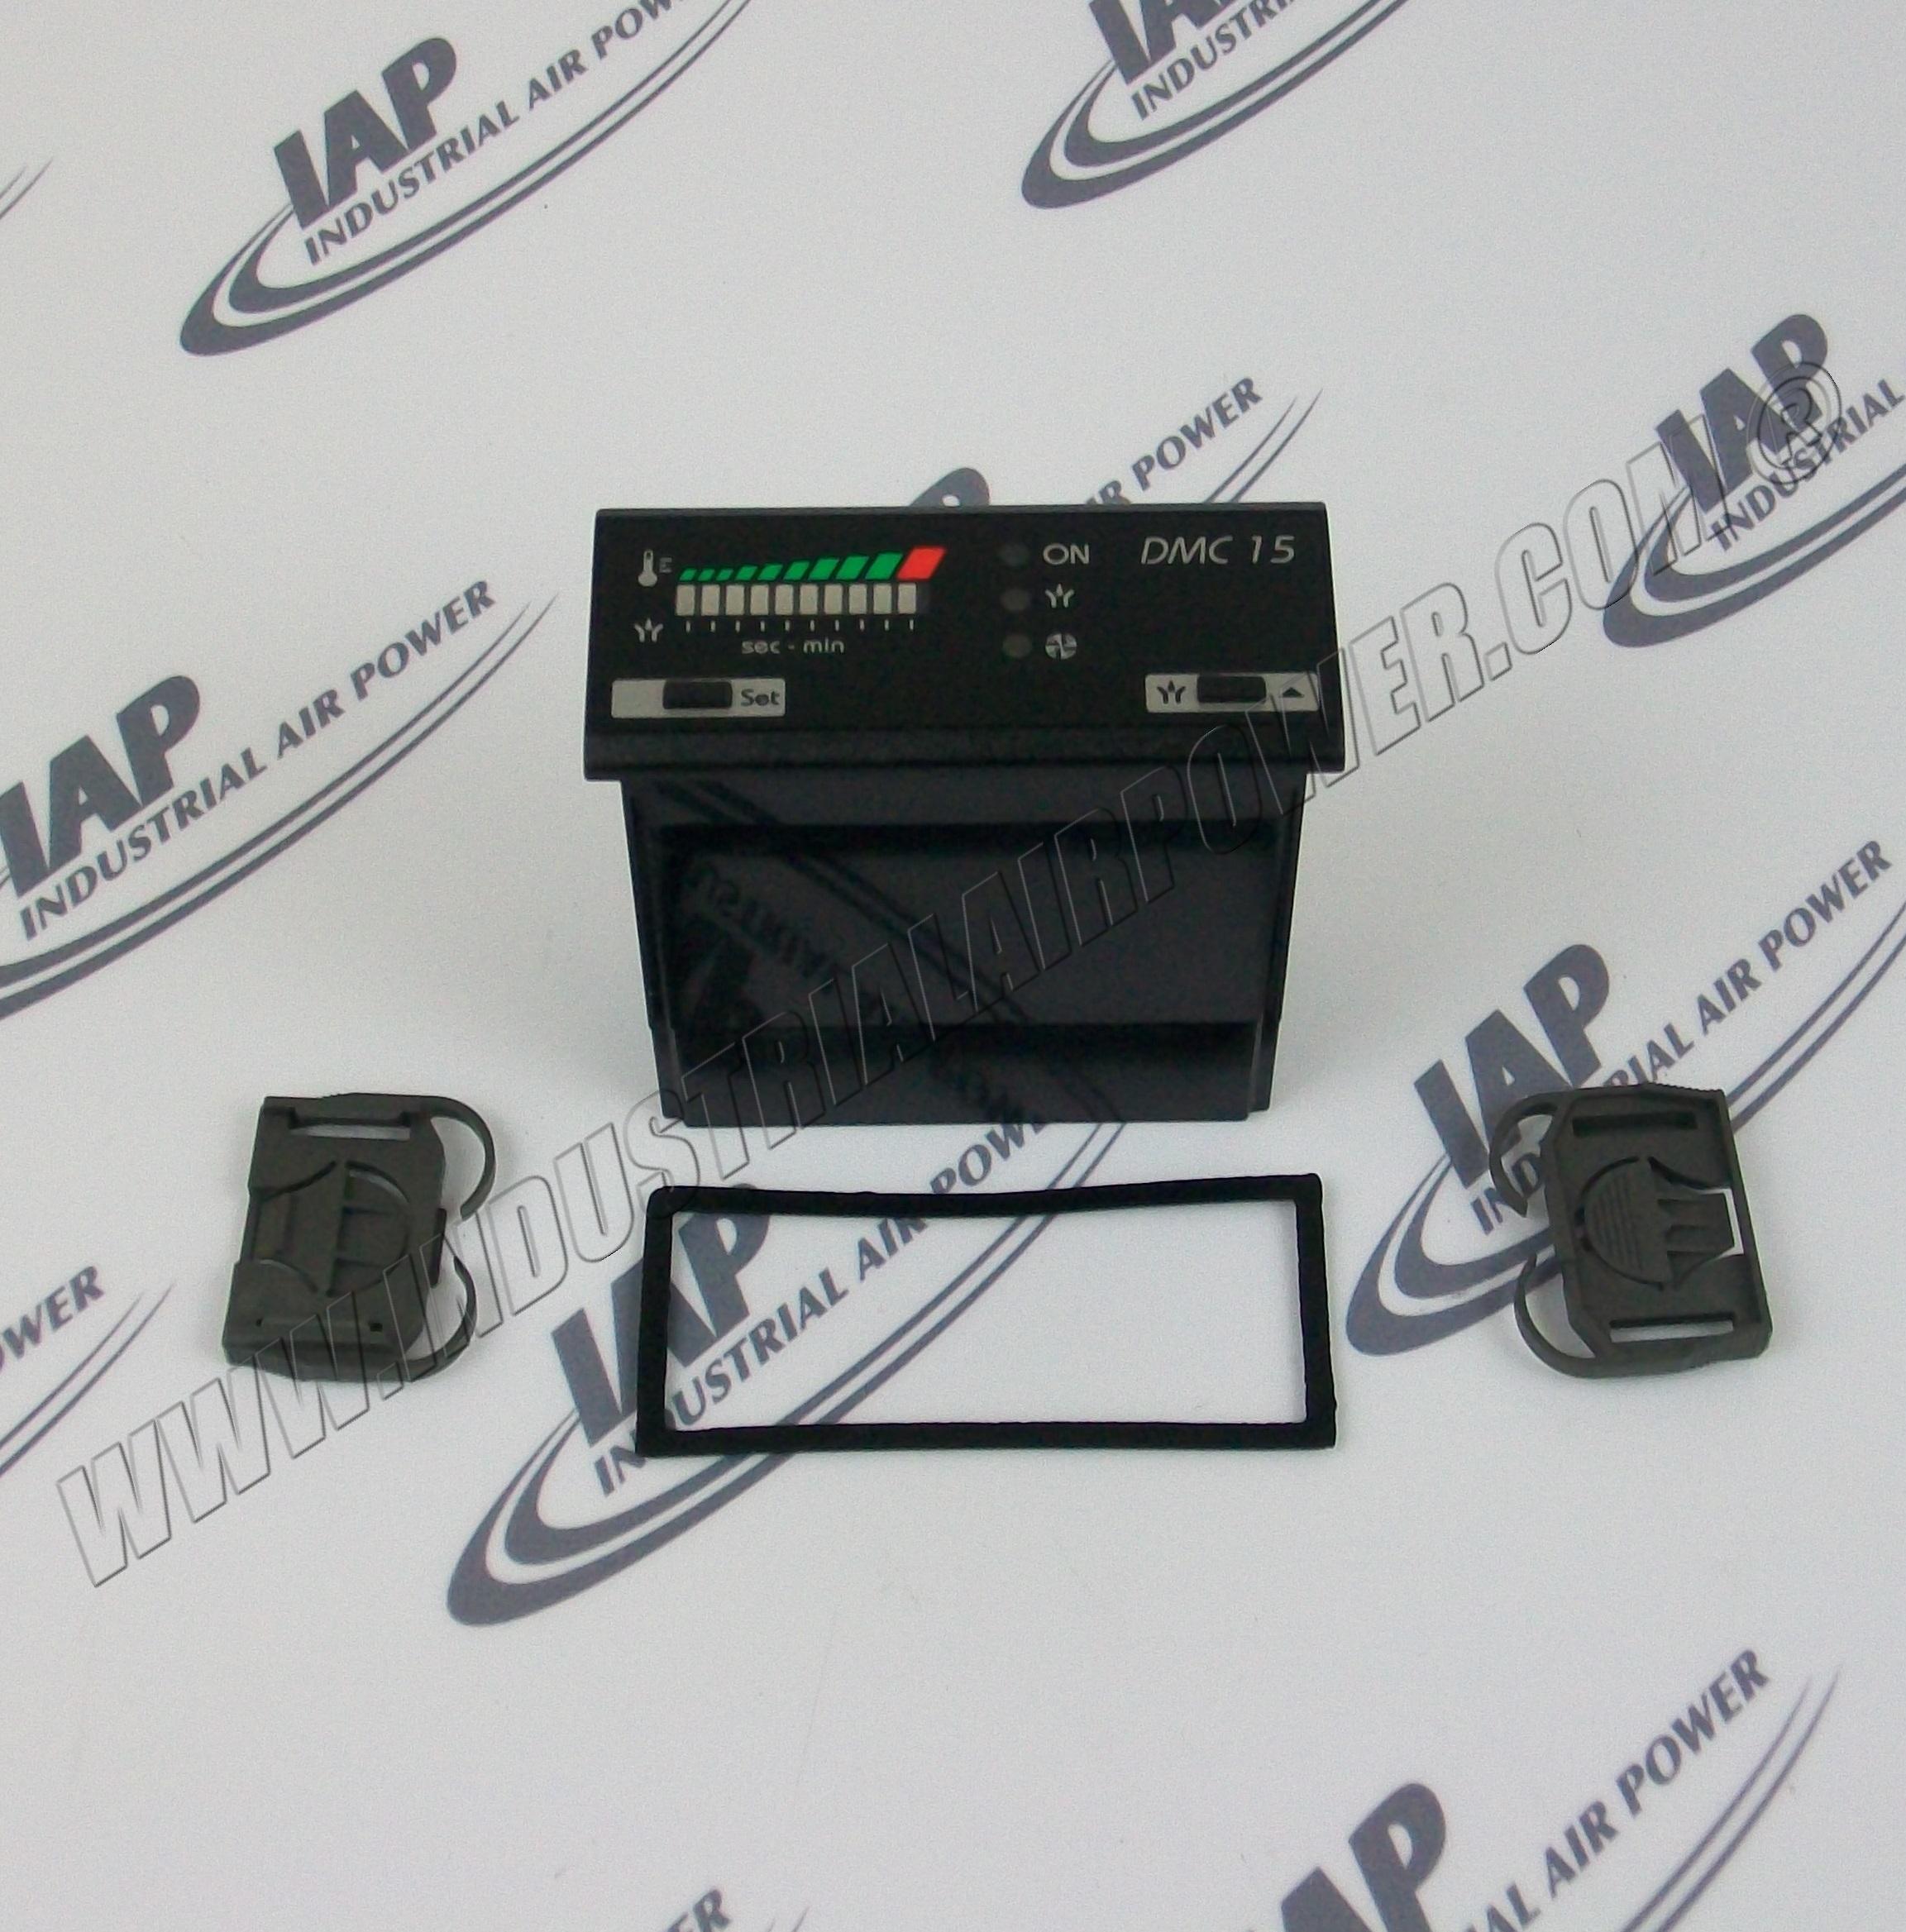 XERA5620130104 Dryer Controller (DMC 15)